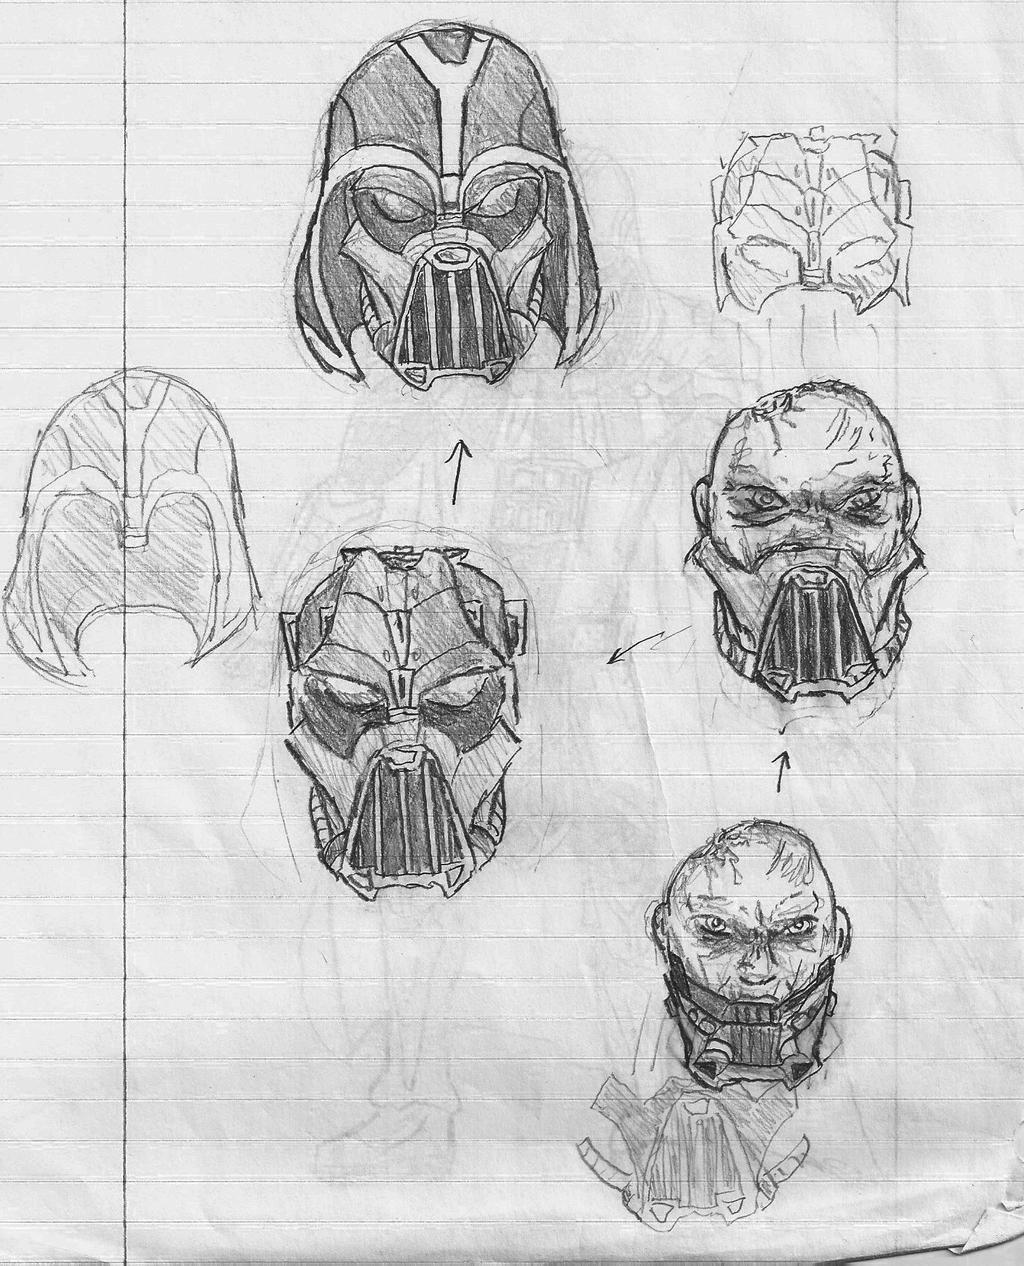 Darth Vader Unmasked (Concept Art) by Lledroc on DeviantArt